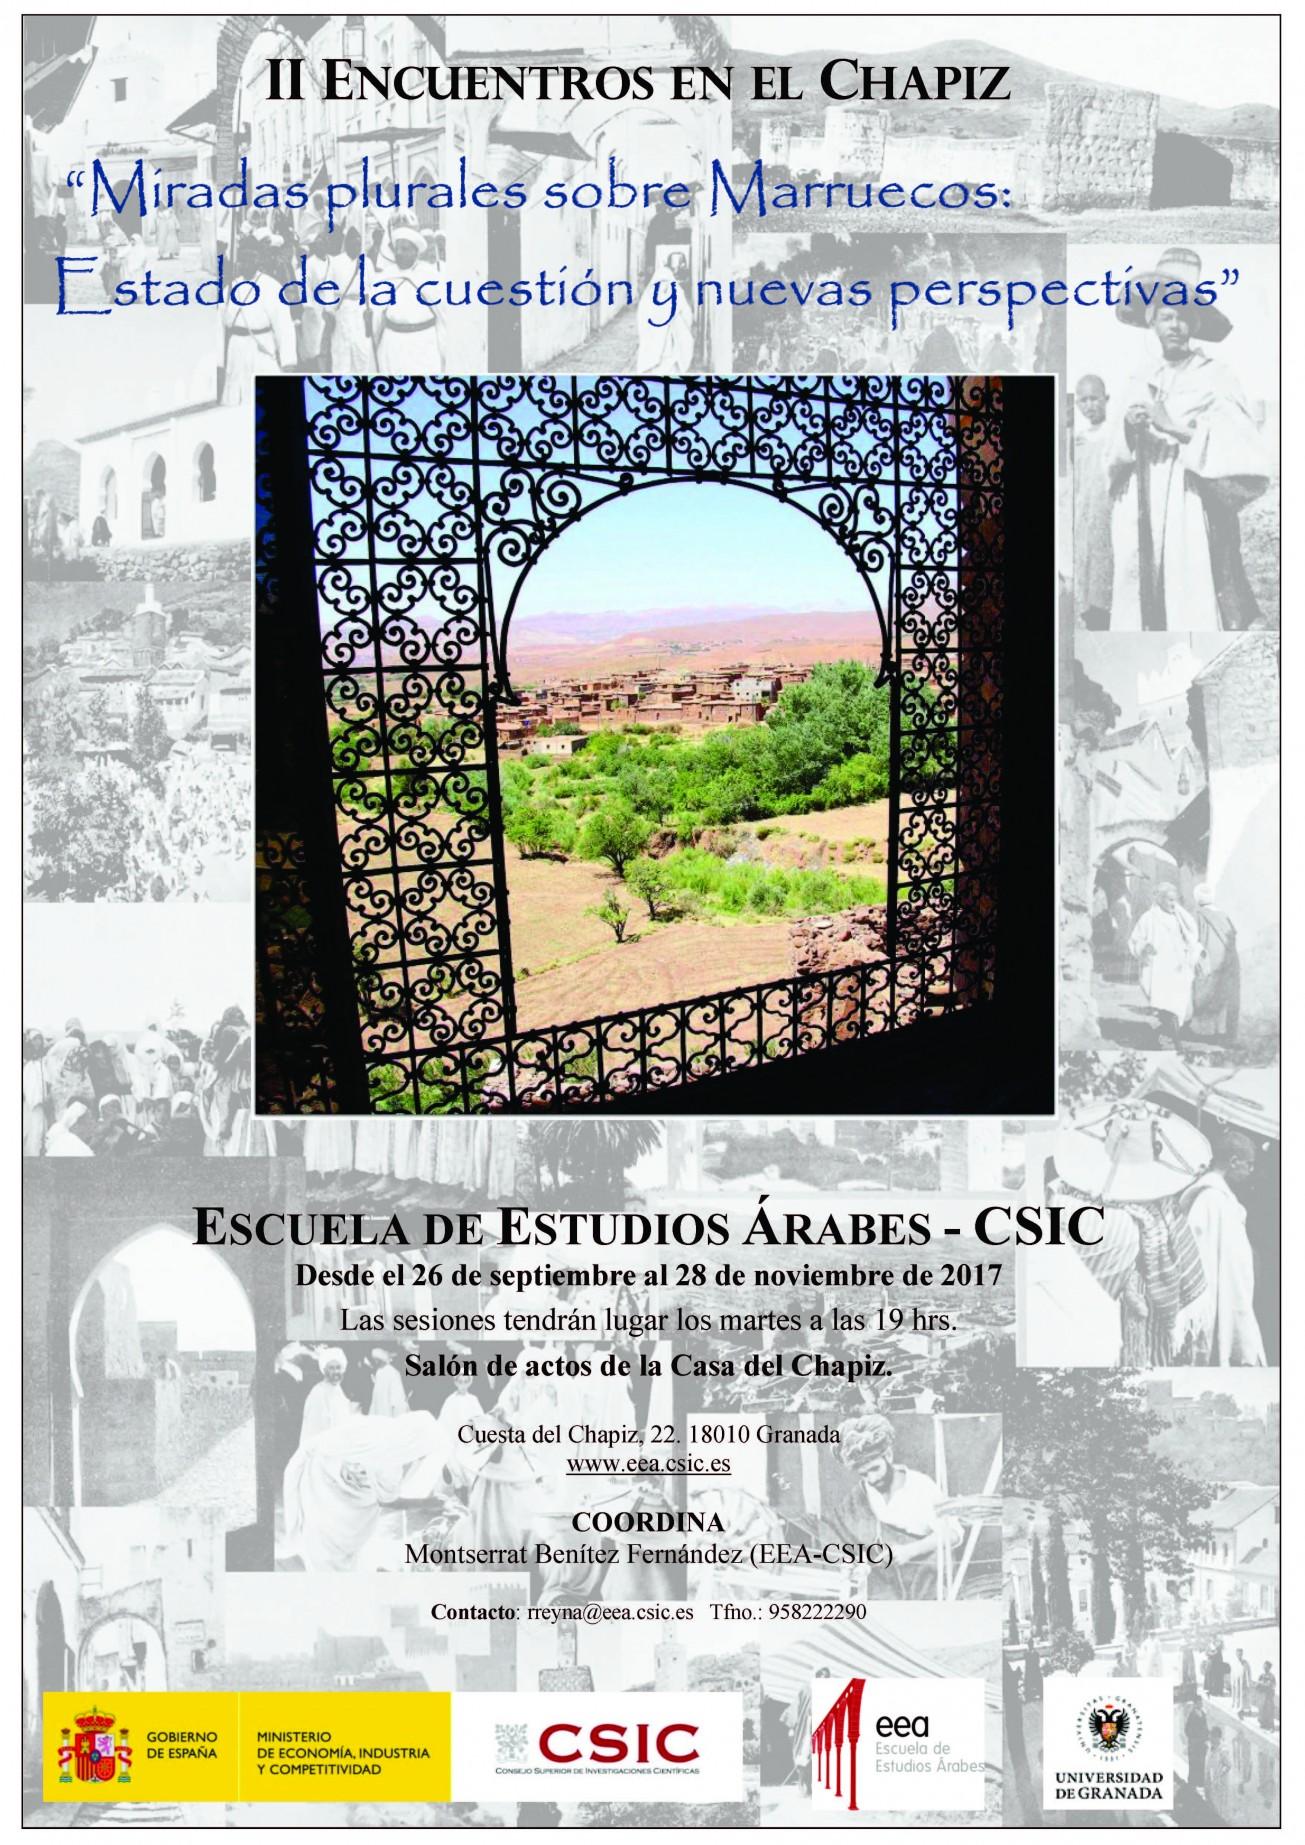 """II Encuentros en el Chapiz """"Miradas plurales sobre Marruecos : estado de la cuestión y nuevas perspectivas"""""""